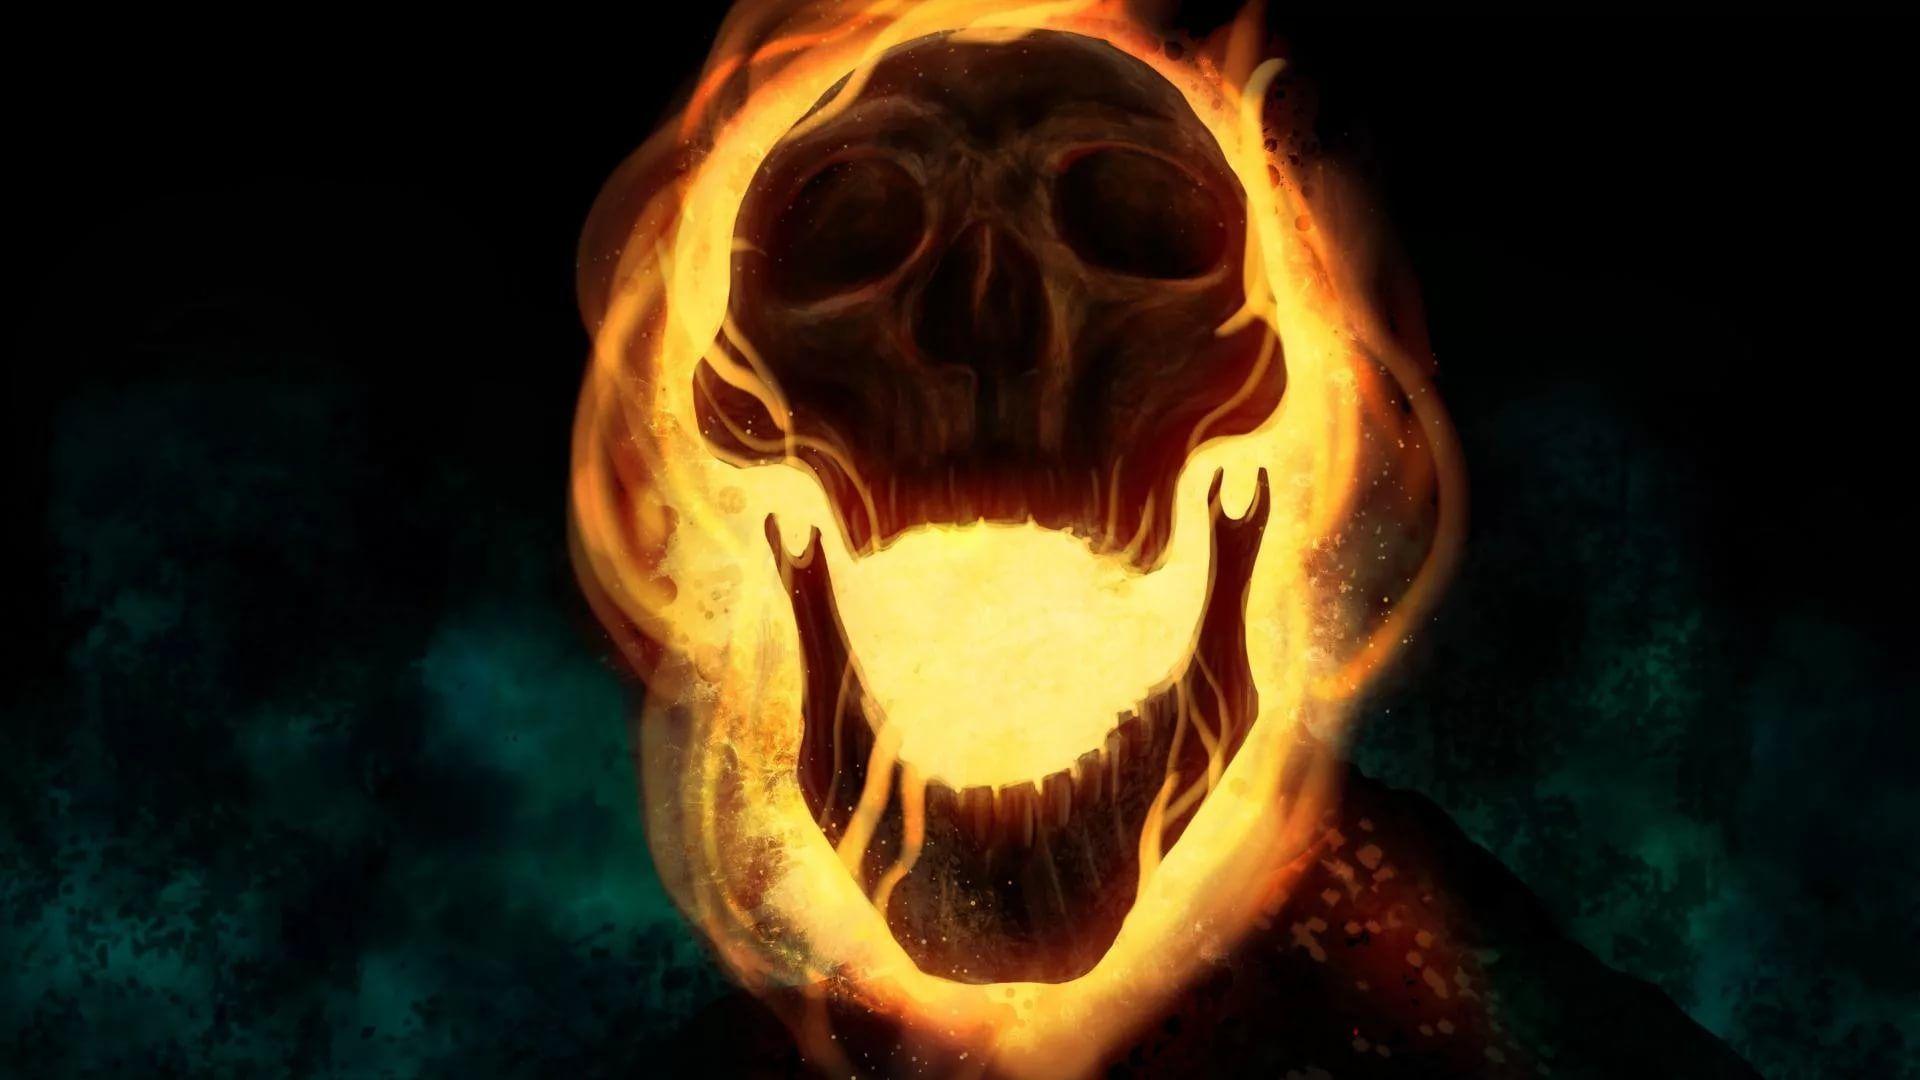 Flaming Skull wallpaper photo full hd